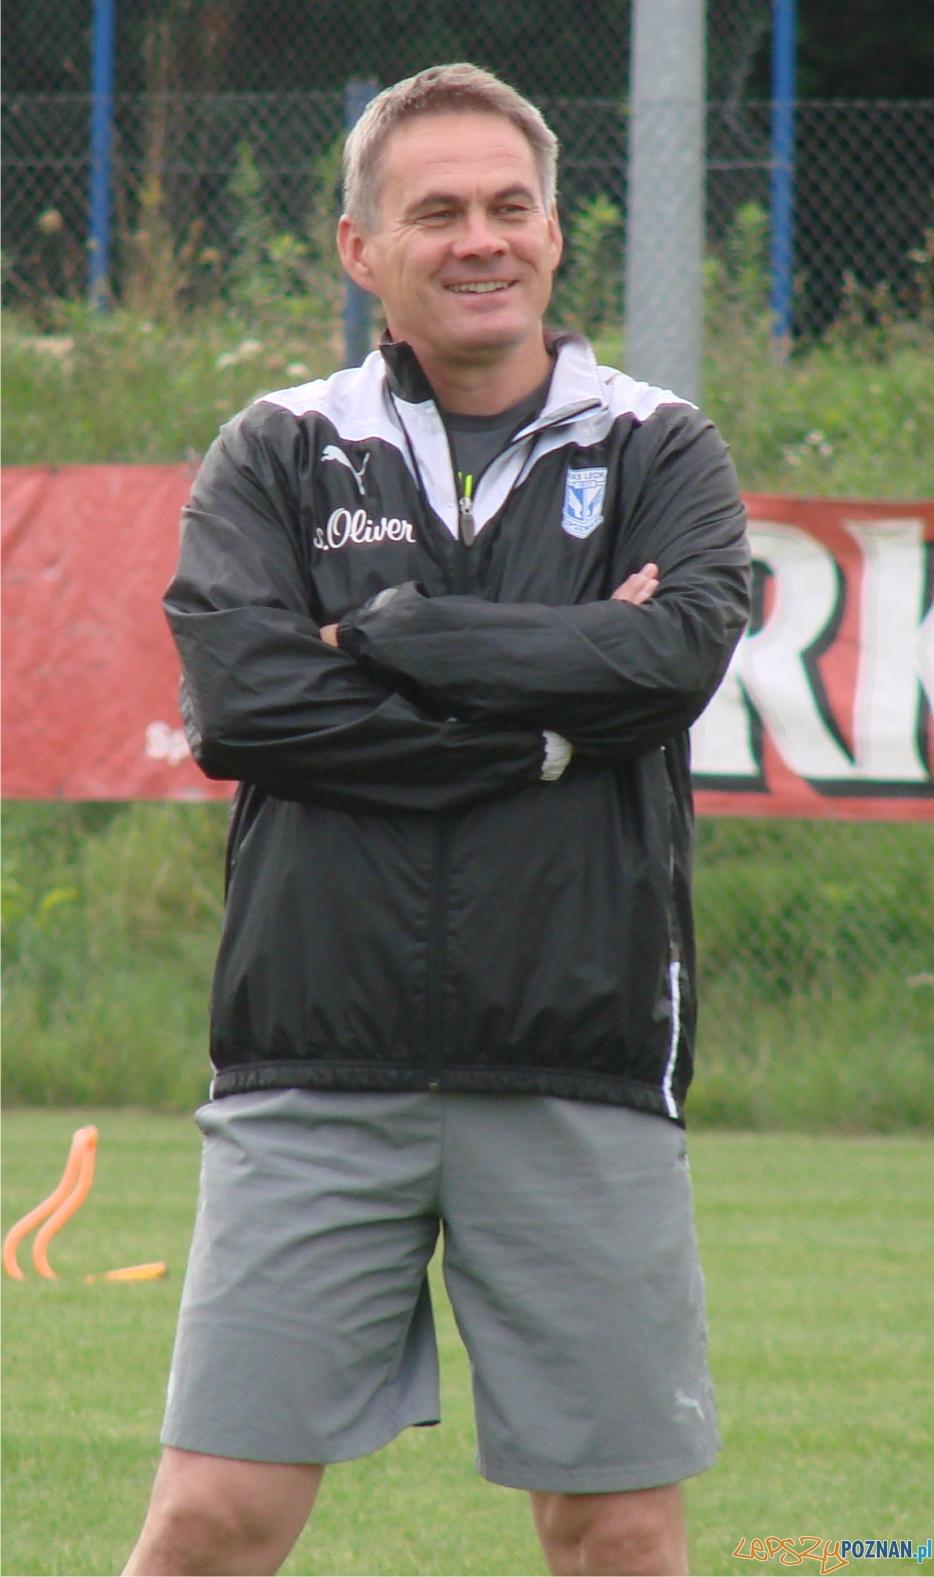 Jacek Zieliński na treningu  Foto: lepszyPOZNAN.pl / ag